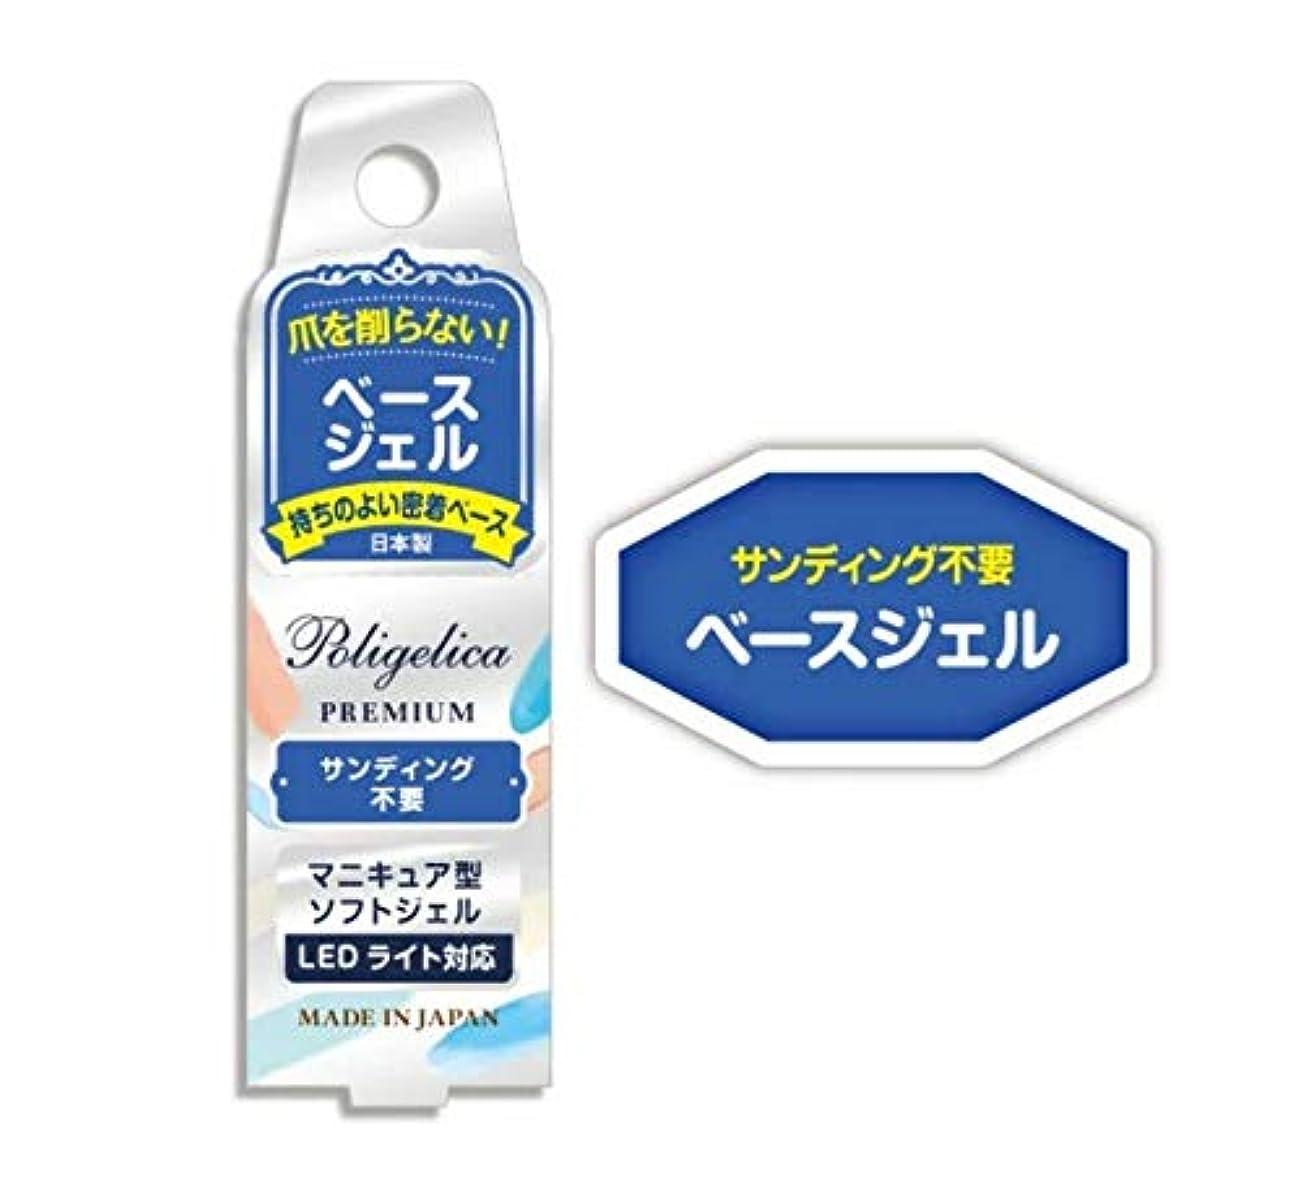 ほぼ収束する追放するBWポリジェリカ プレミアムベースジェル 6g APGB1001 日本製 ソフト ジェル ネイル サンディング不要 爪 密着 マニキュア型